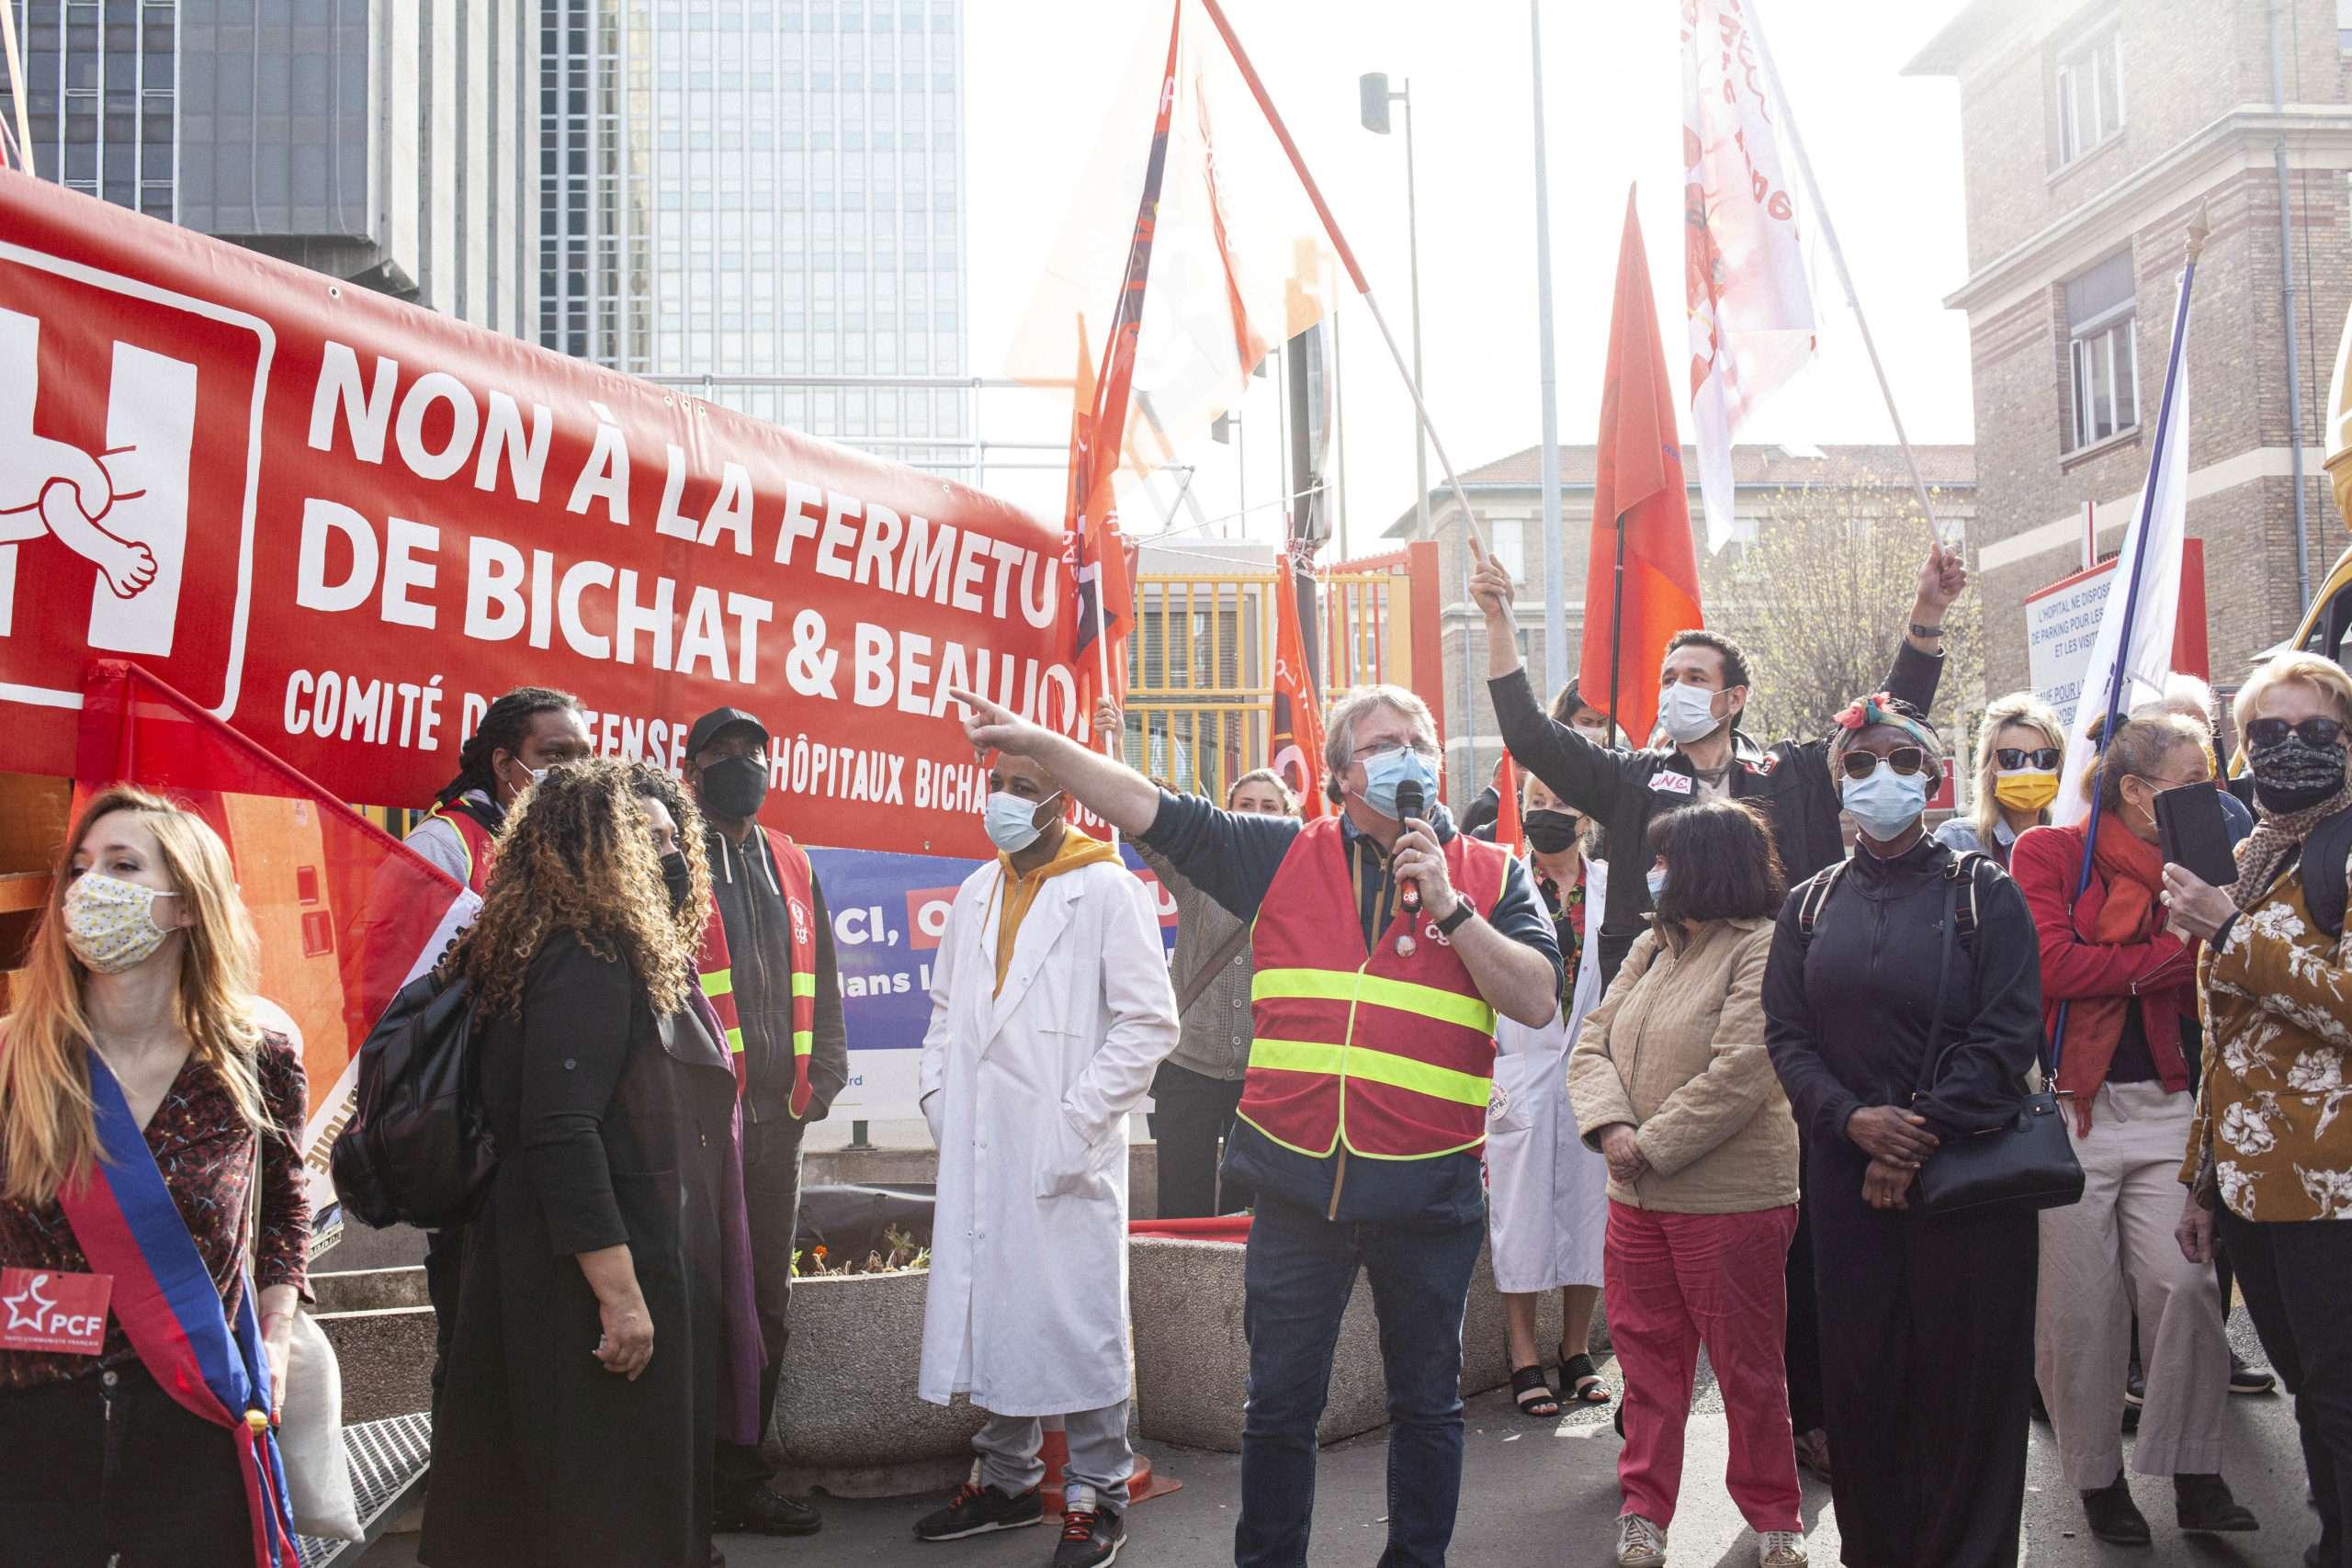 Rassemblement contre la fusion des hôptiaux Beaujon et Bichat